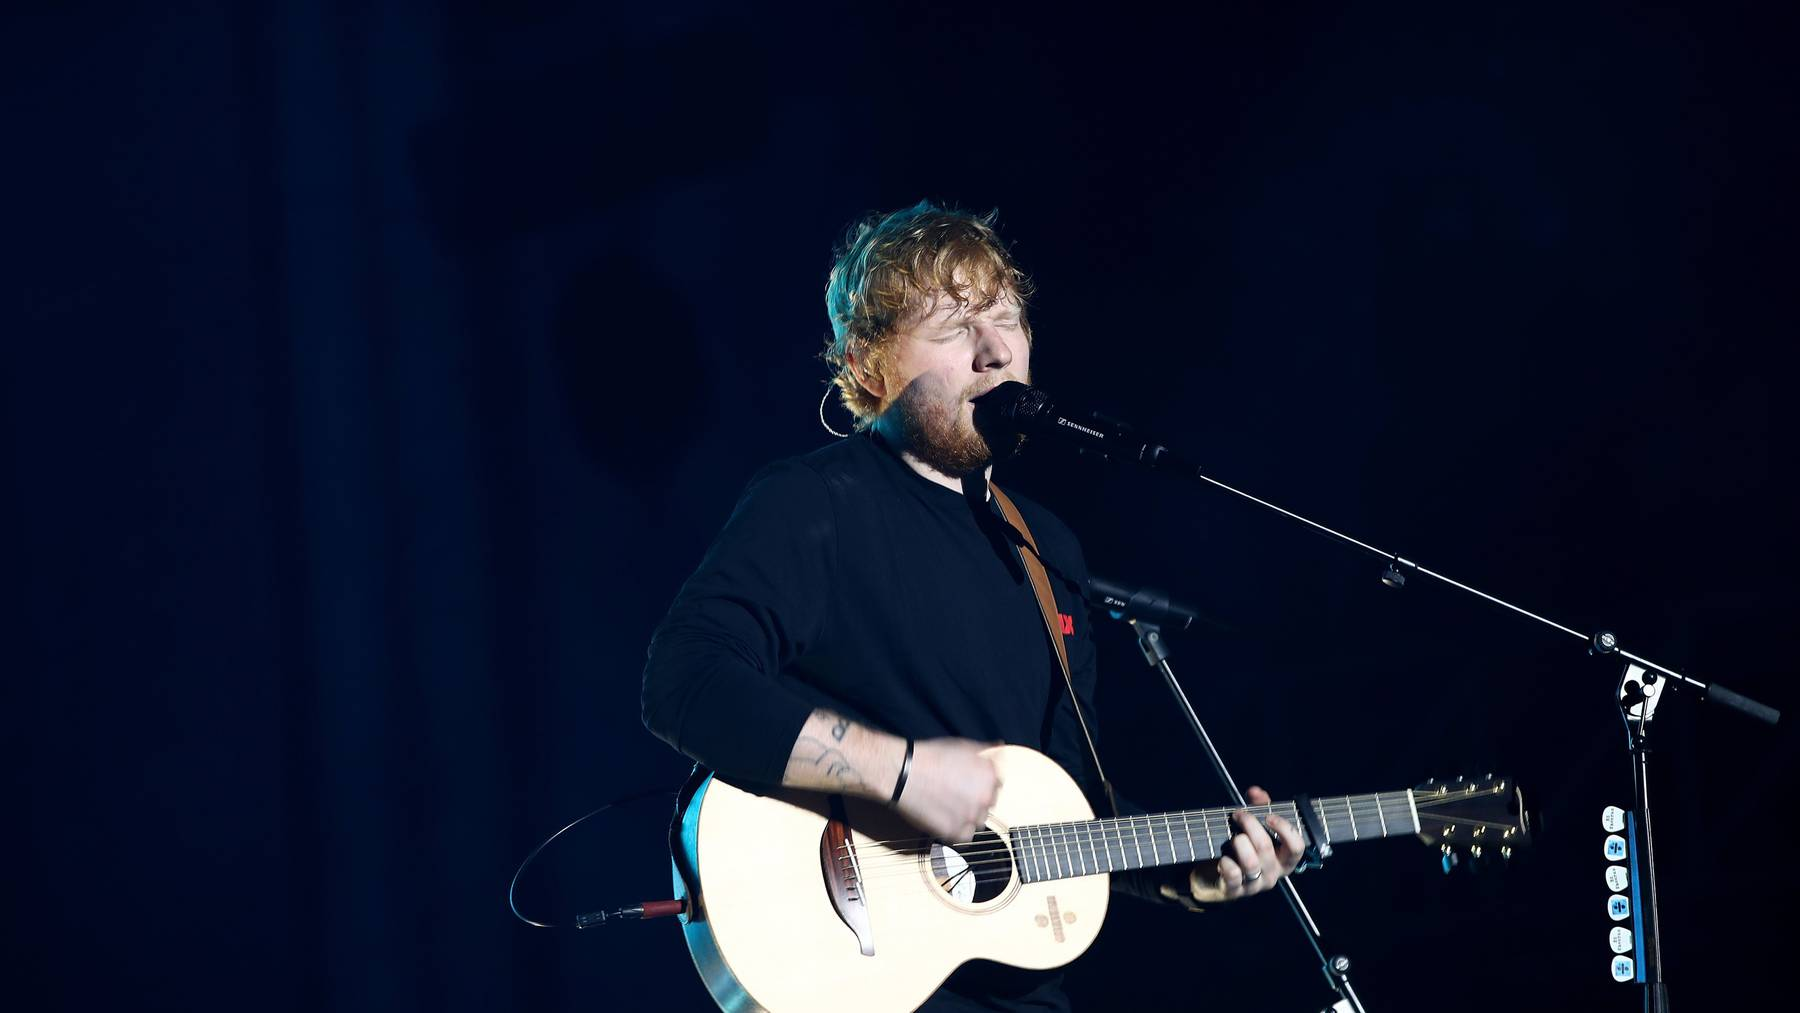 Ed Sheeran bringt im Sommer ein neues Album raus. (Archiv)